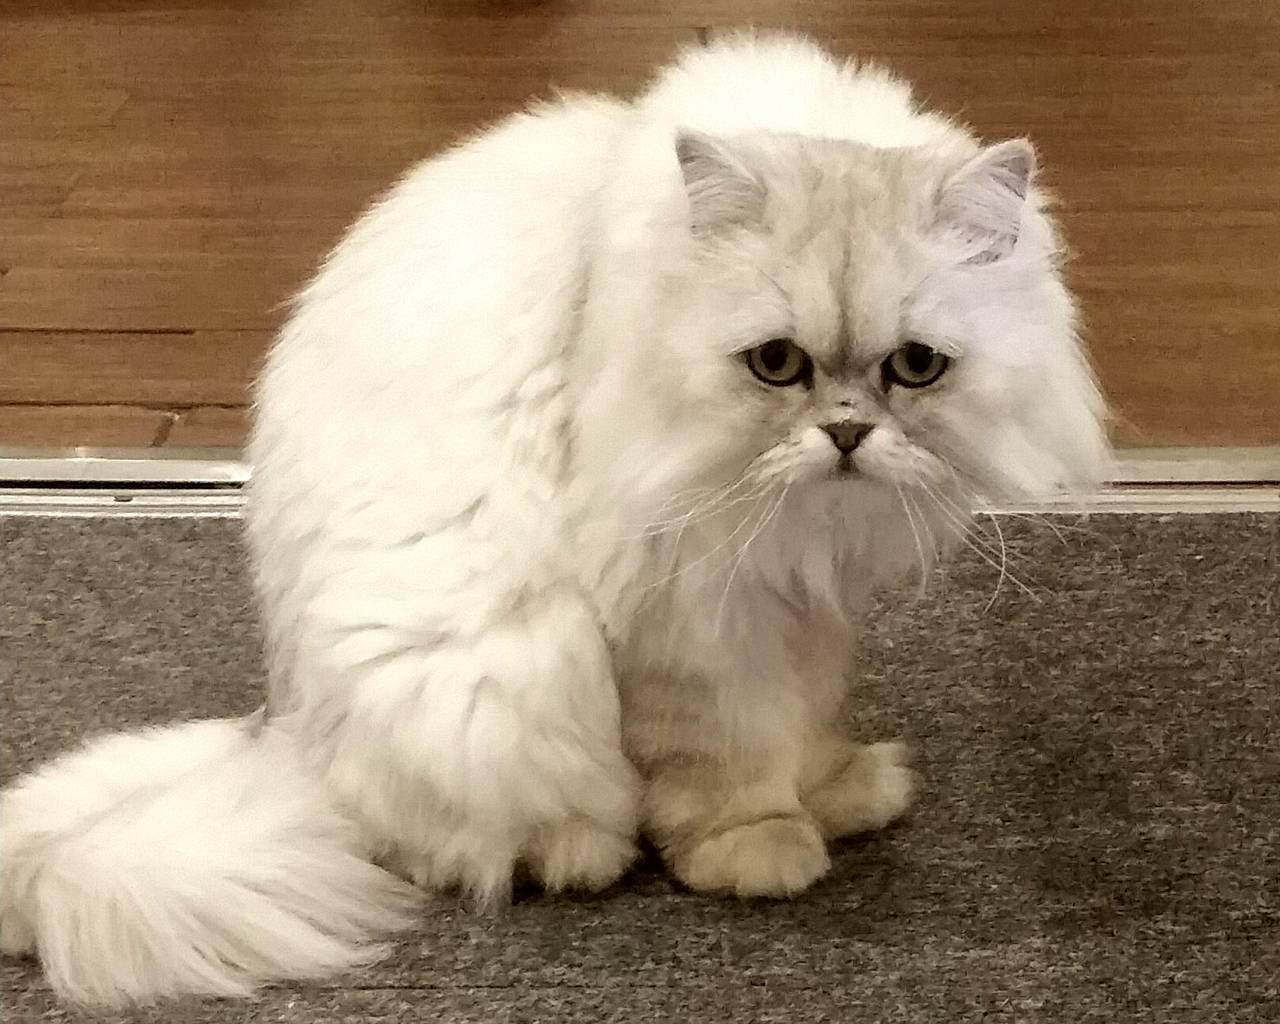 Тойгер: порода кошек, описание, фото, характер, разница с бенгалом, цена в рублях за котят а также сколько стоит взрослый кот